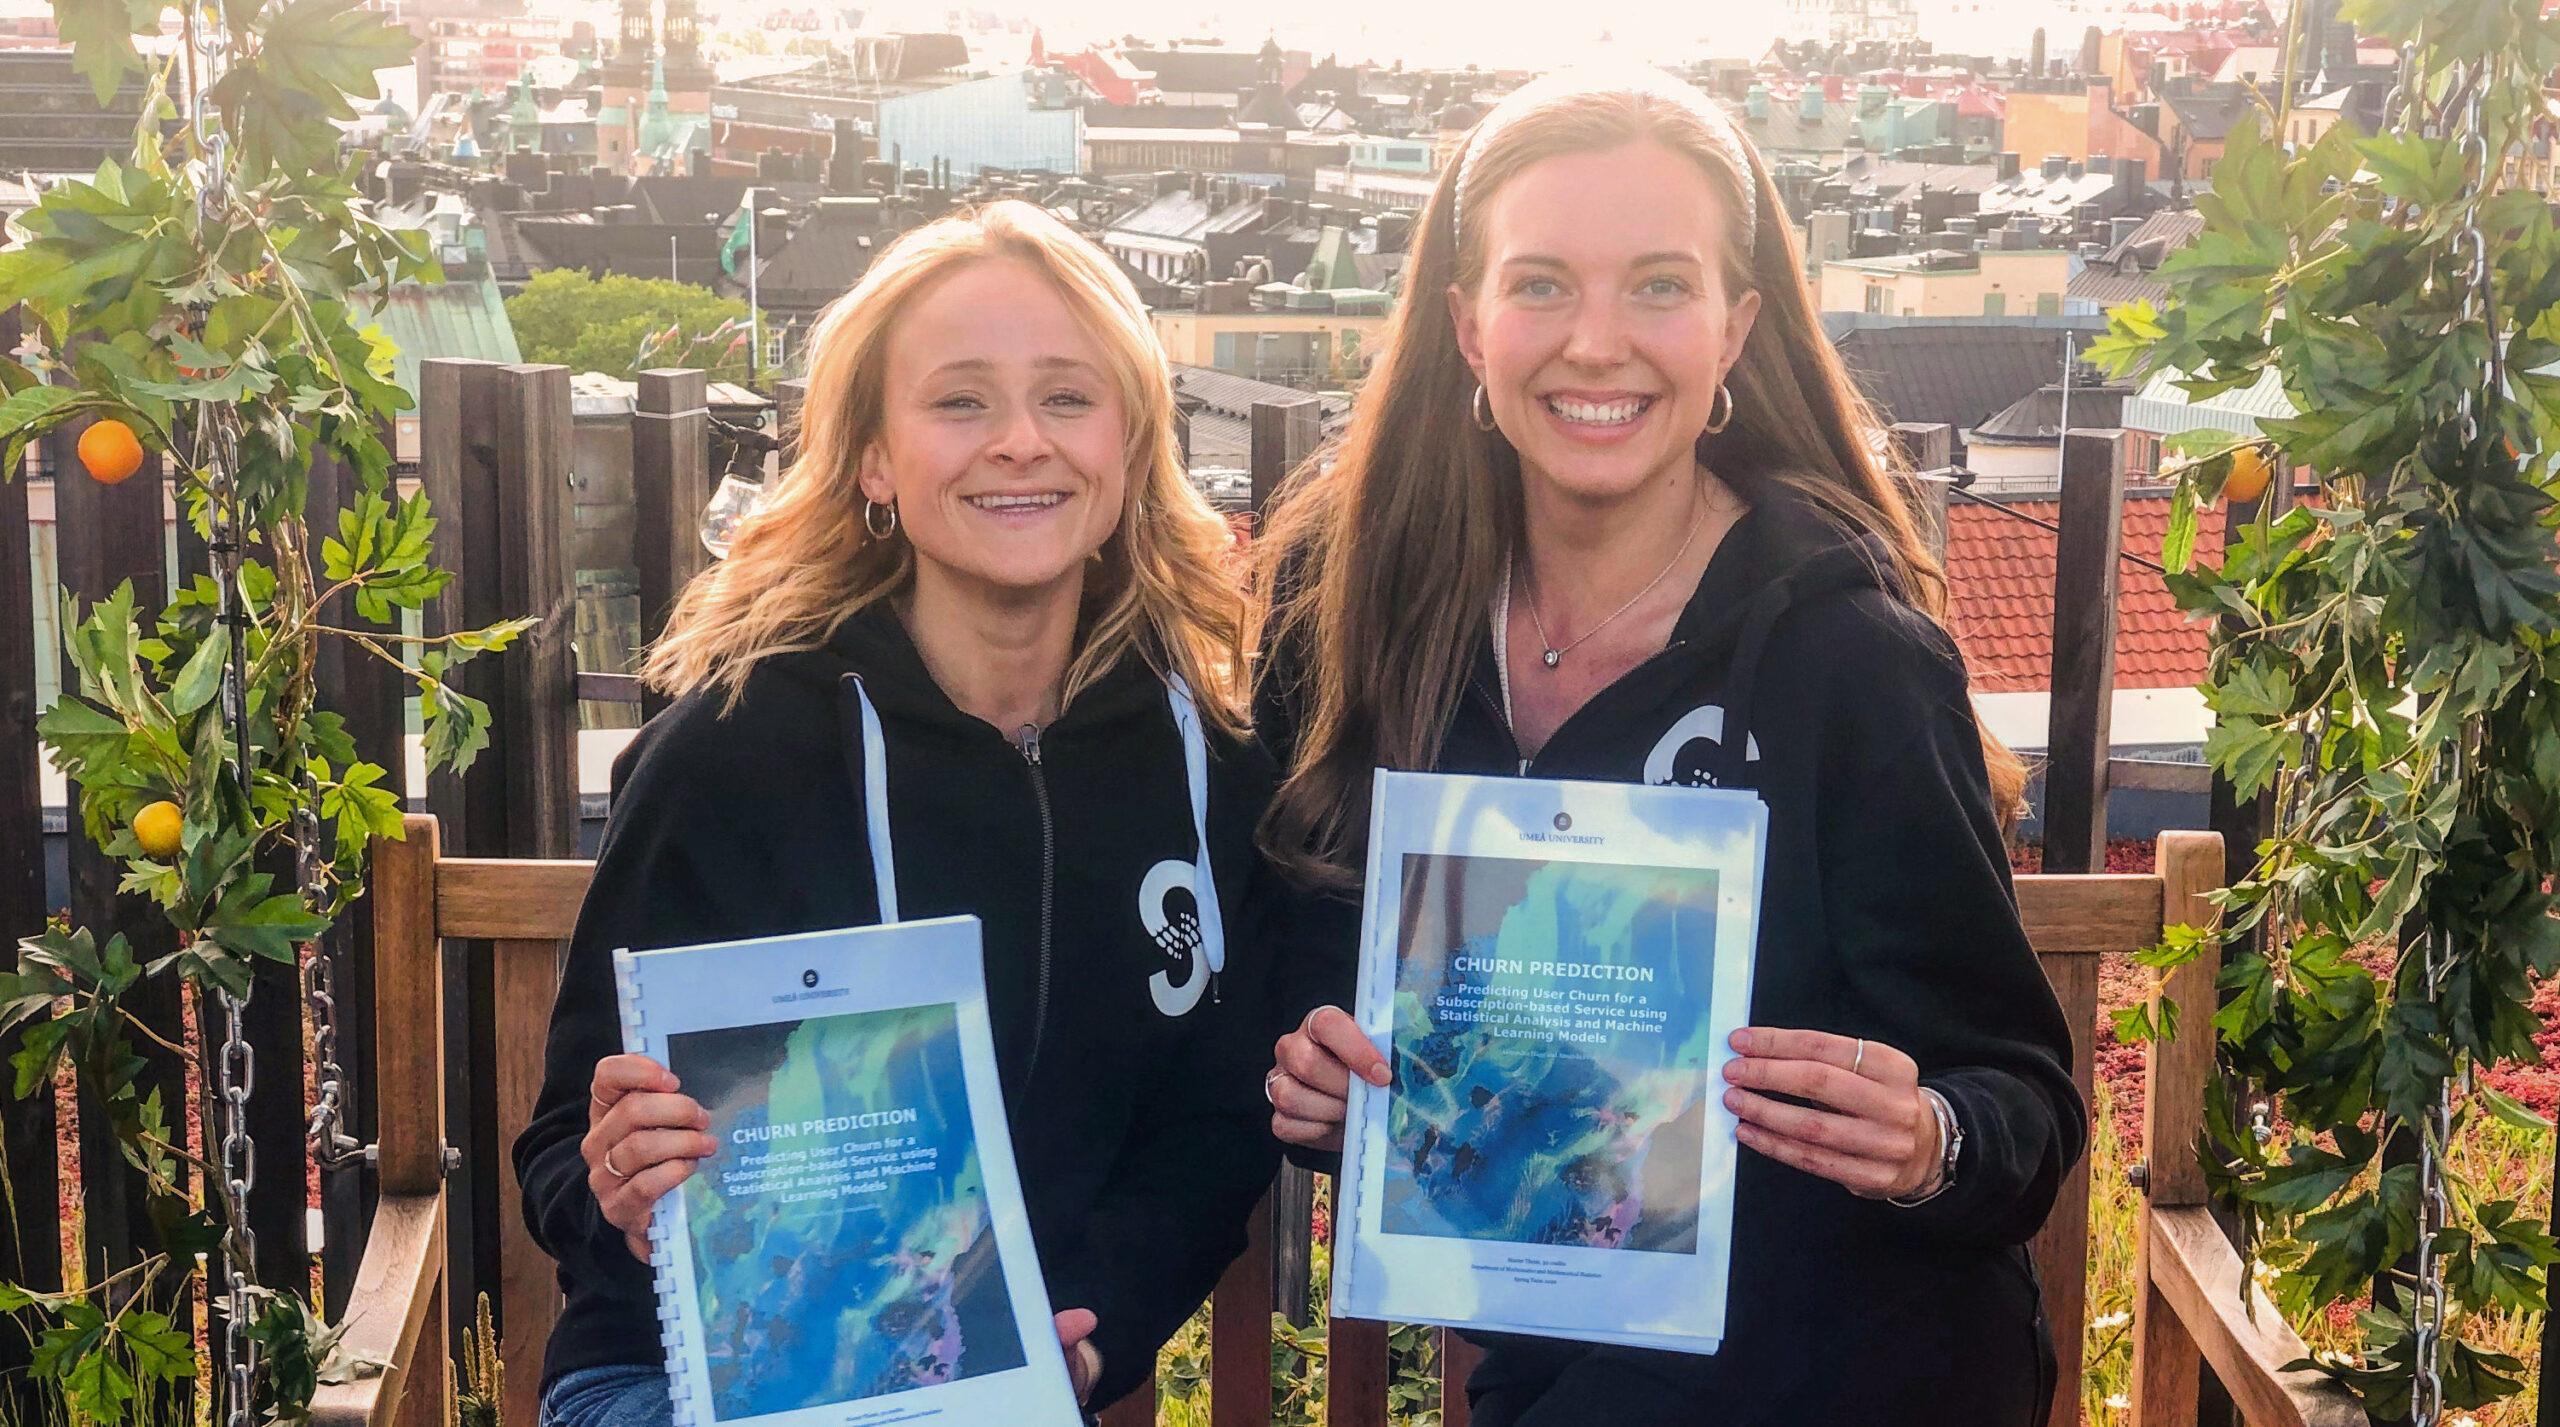 Alexandra Hägg and Amanda Flöjs, master students in Industrial Statistics at Umeå Universitet.